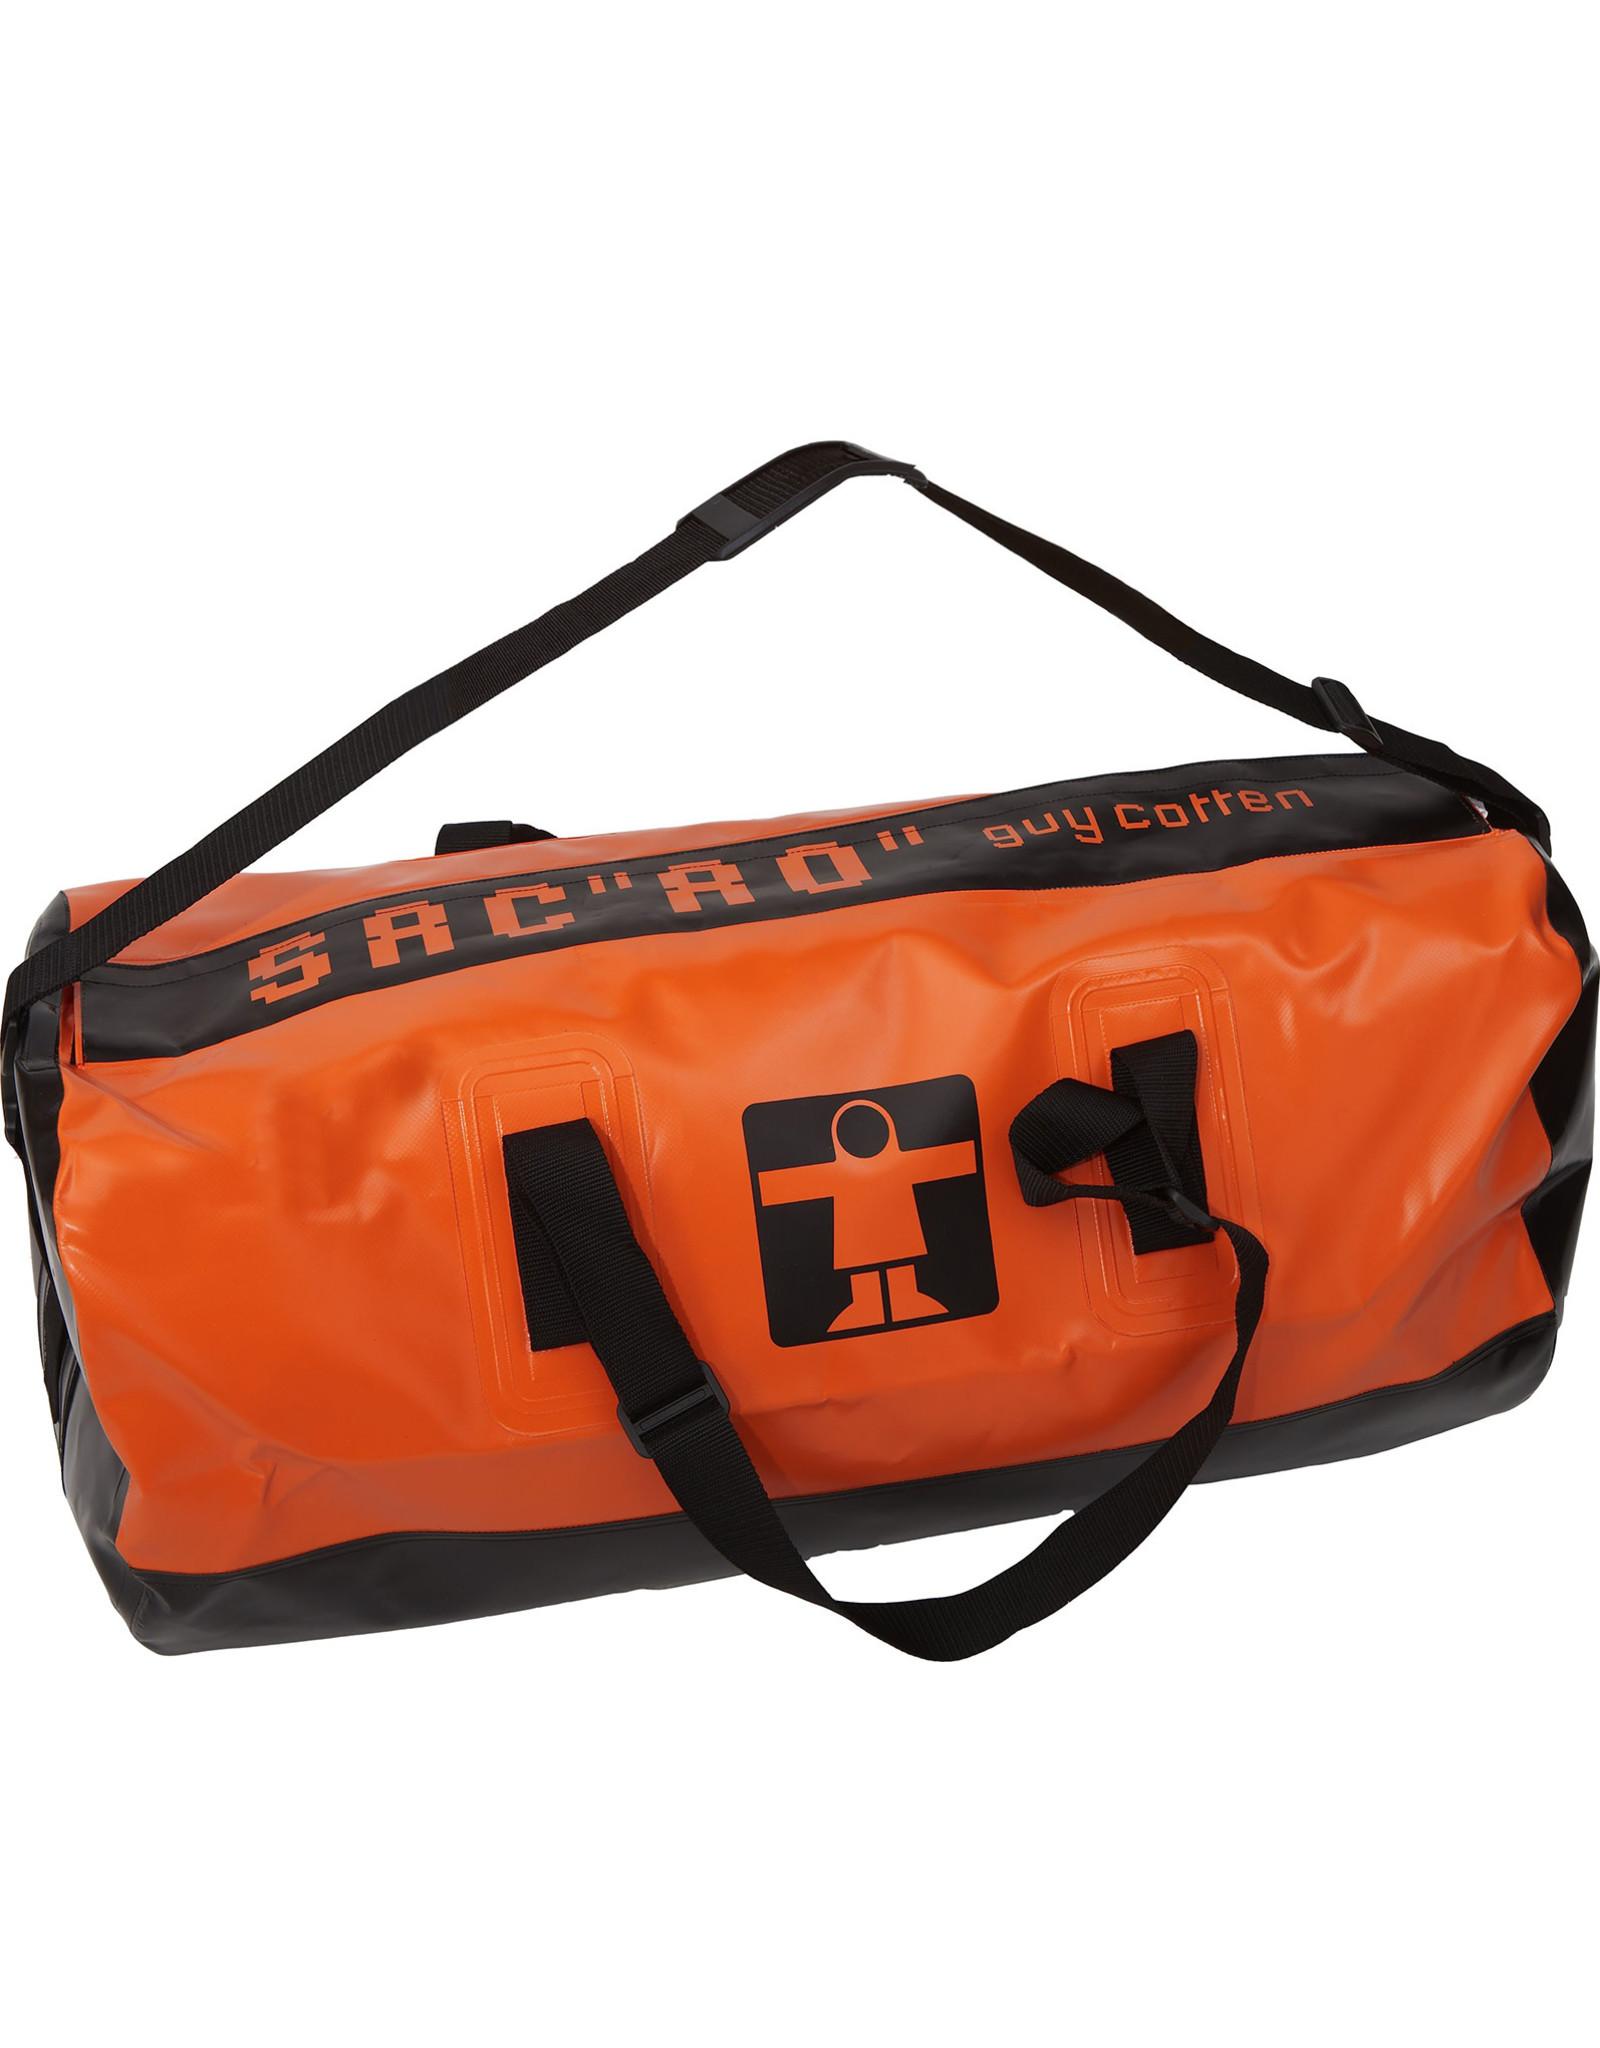 Guy Cotten Bag AO 80L